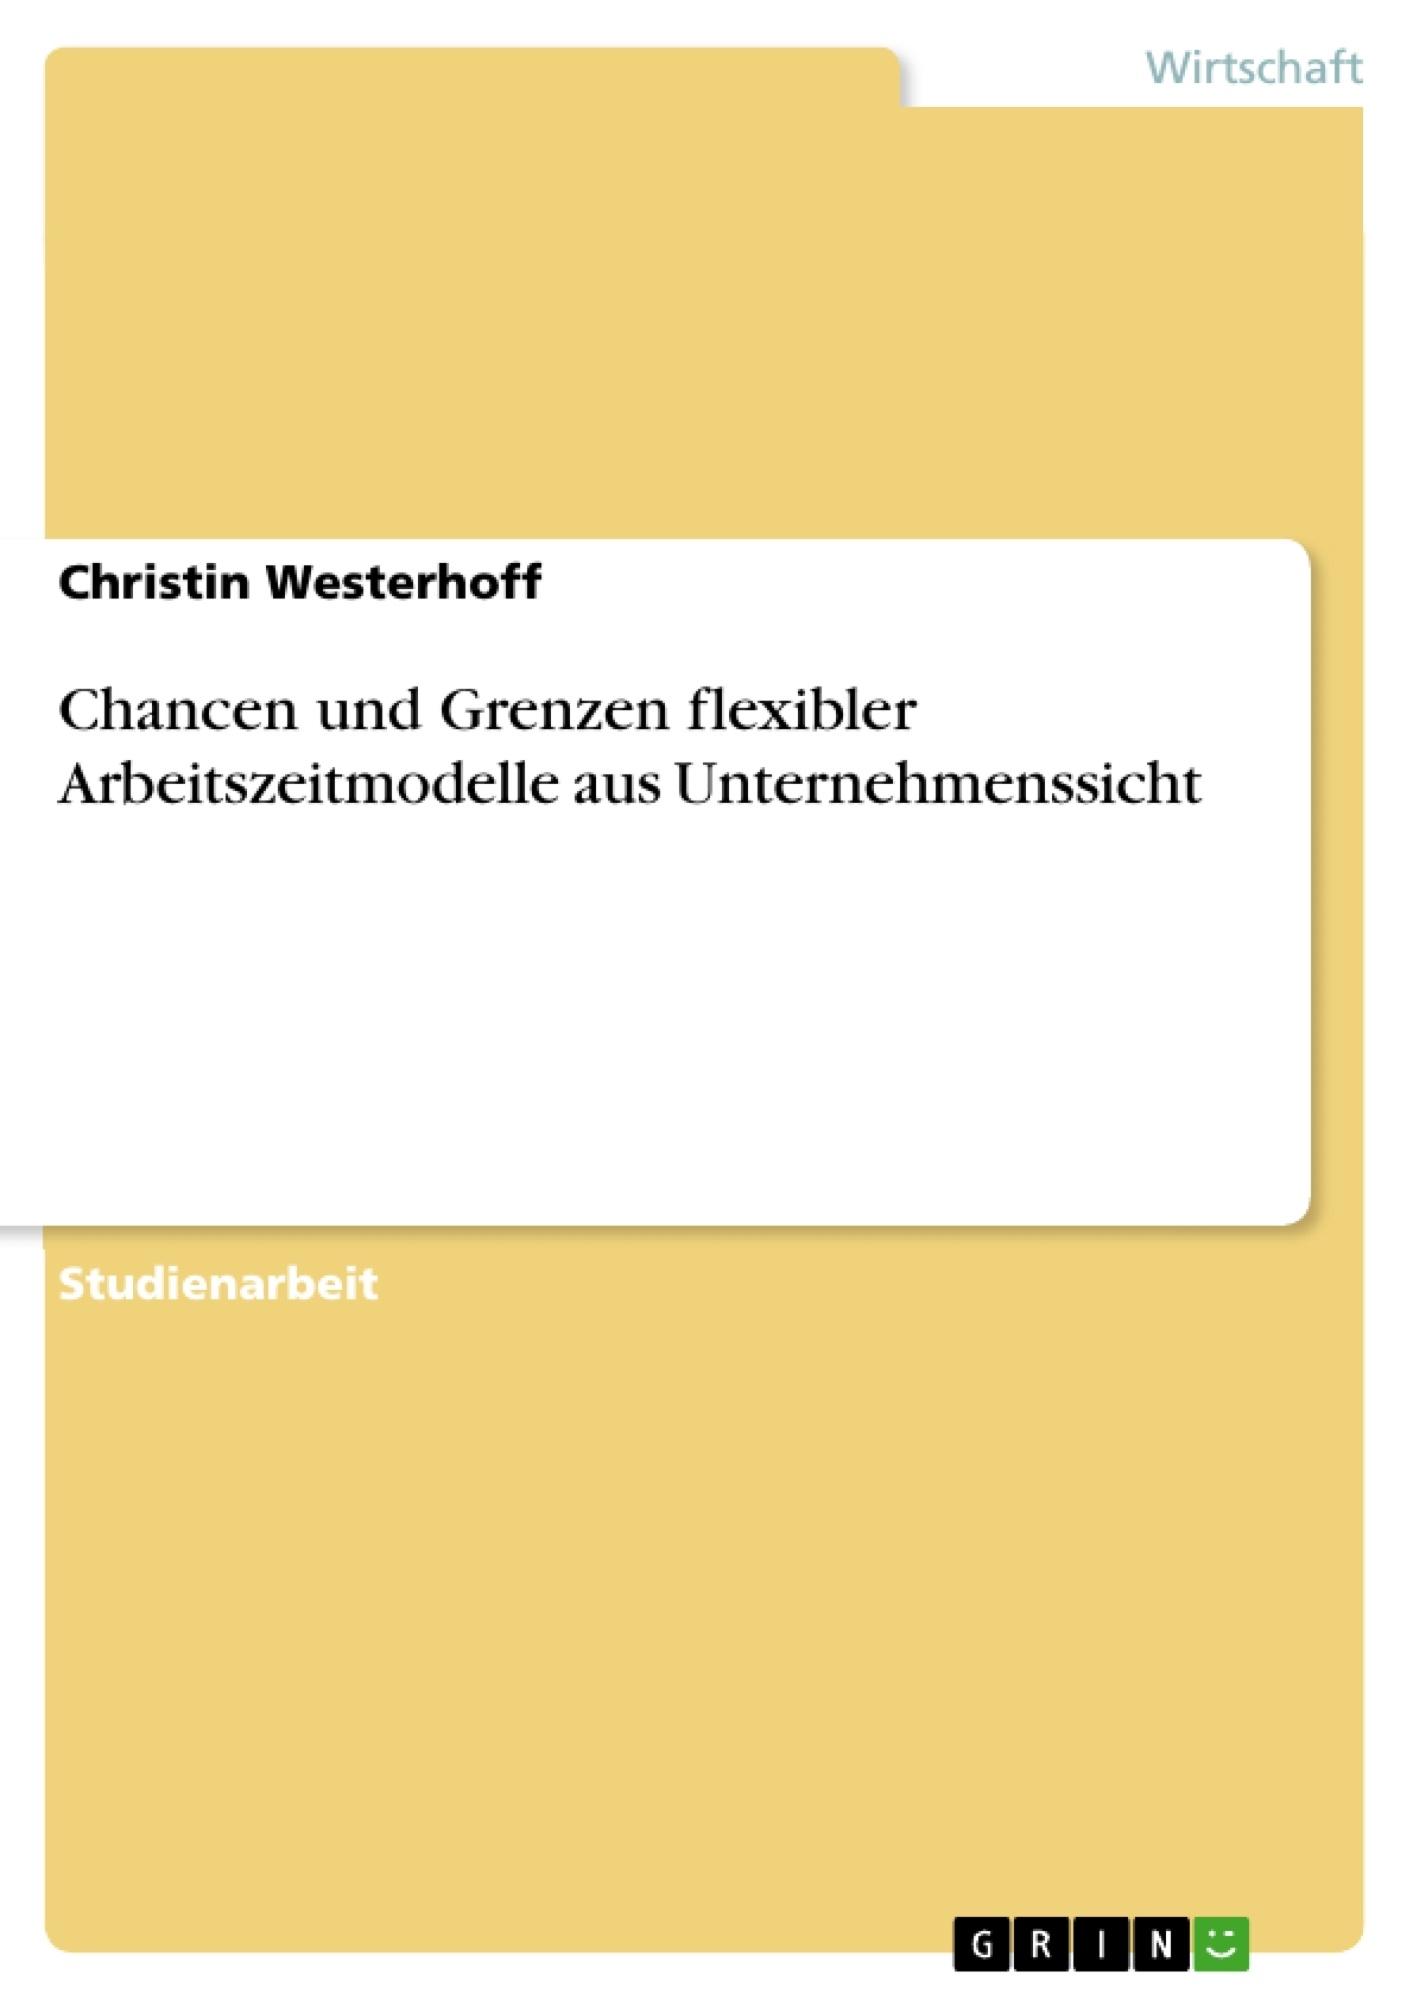 Titel: Chancen und Grenzen flexibler Arbeitszeitmodelle aus Unternehmenssicht